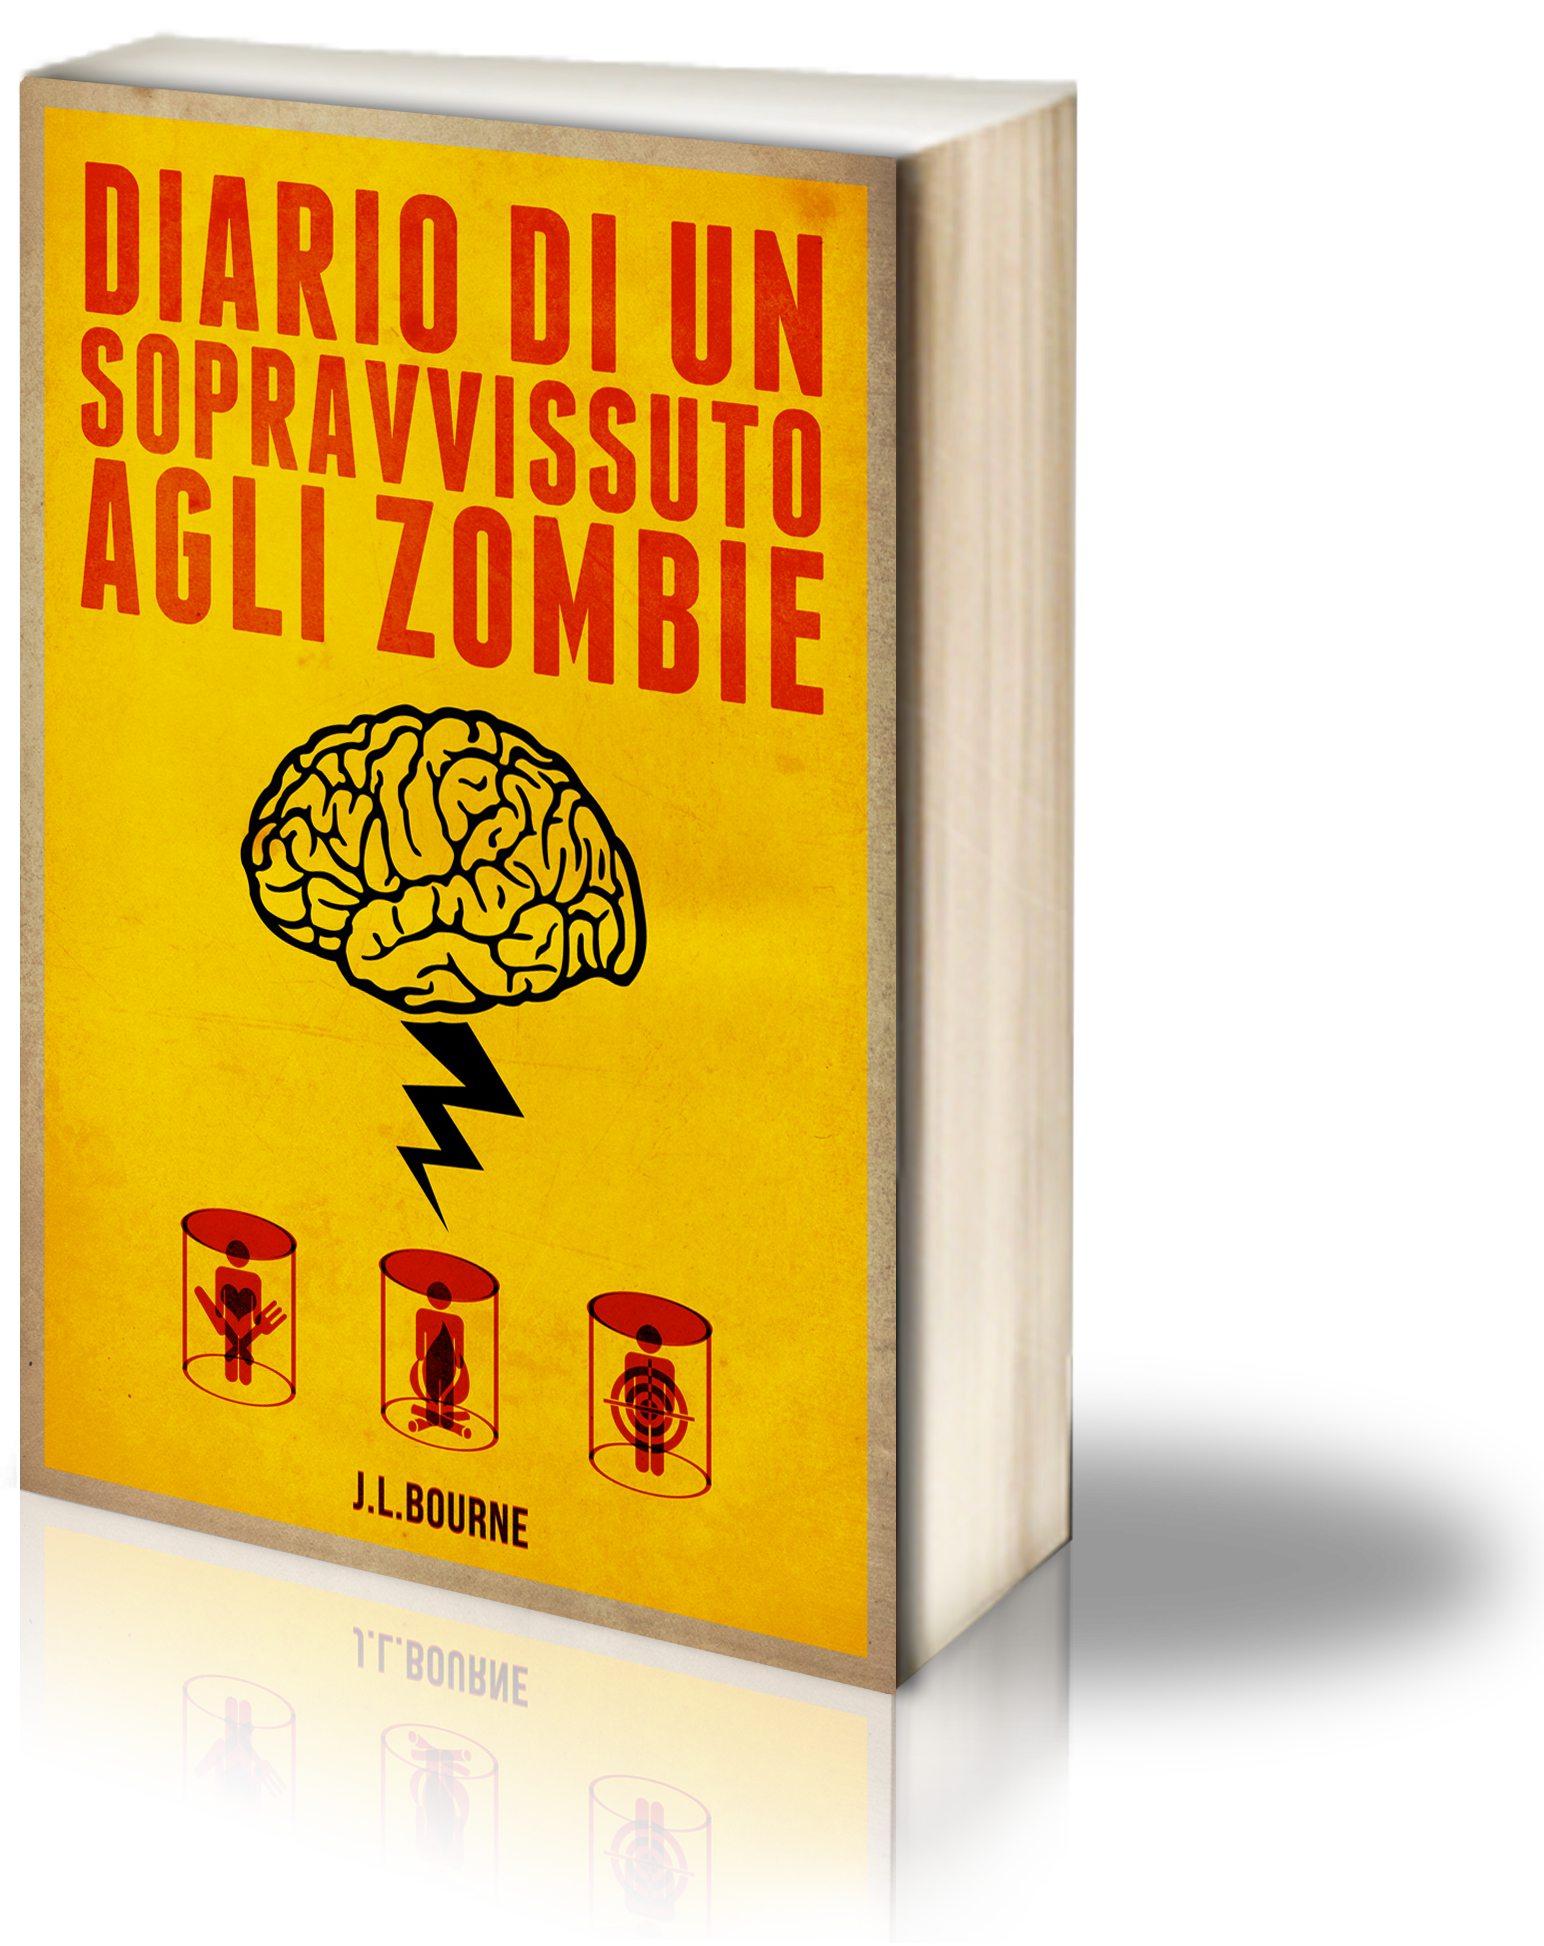 Diario di Un Sopravvissuto agli Zombie-3D